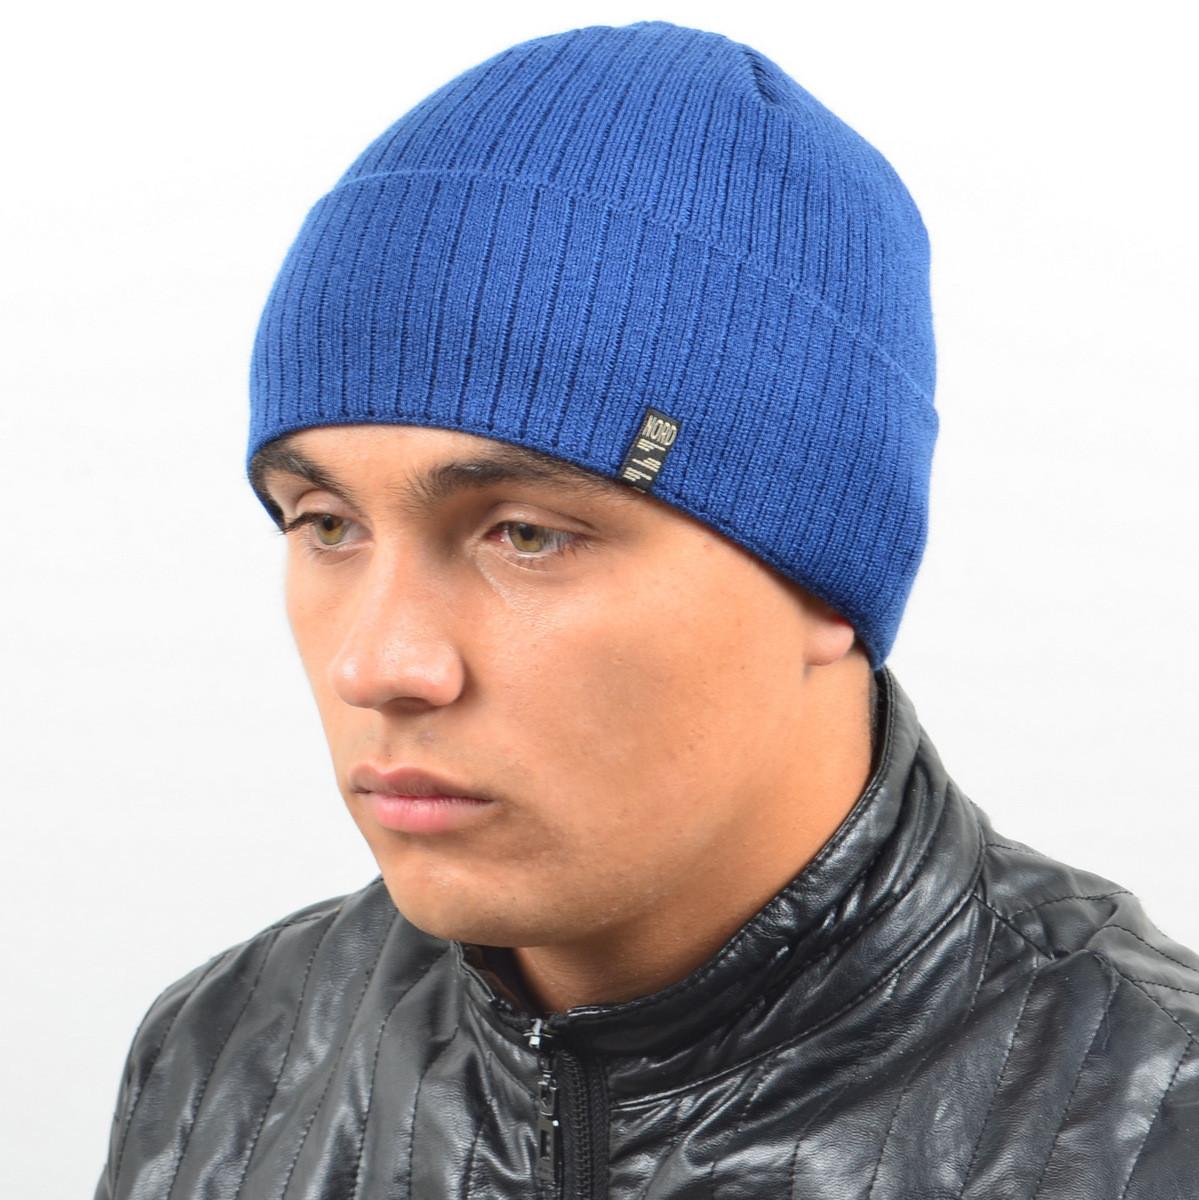 Мужская вязанная шапка NORD с отворотом джинс